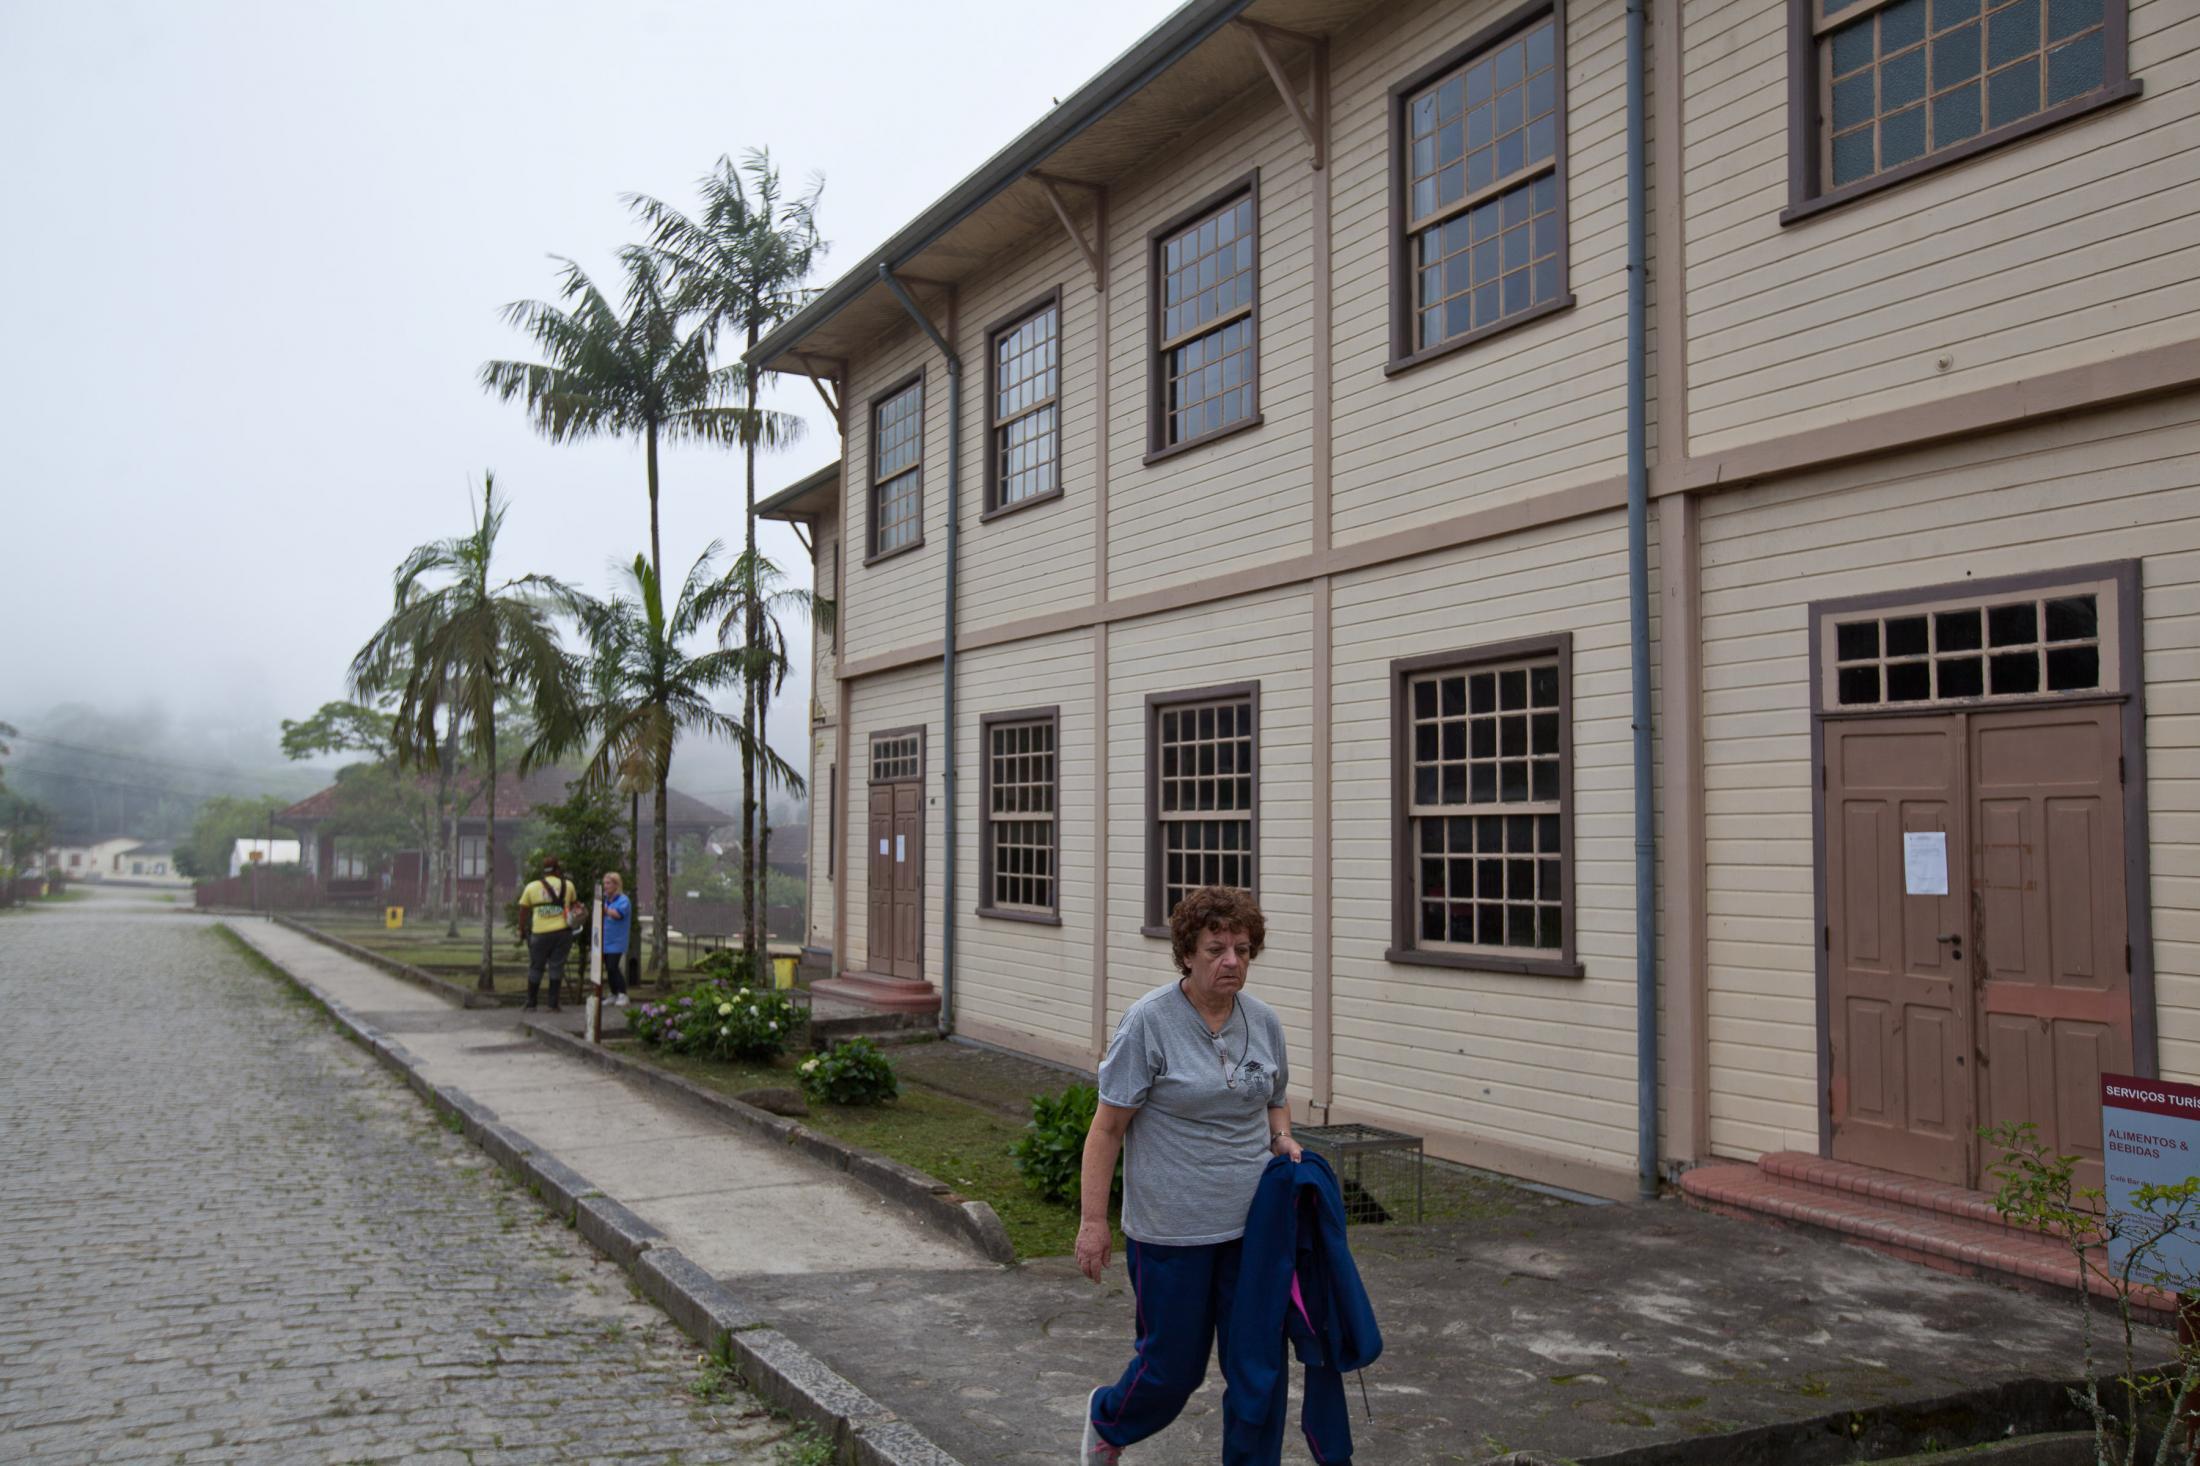 Mulher caminha ao lado da sede do clube União Lira-Serrano, ponto de encontro dos moradores da vila. Woman walks next to the clubhouse Union Lira-Serrano, a meeting point of the villagers.